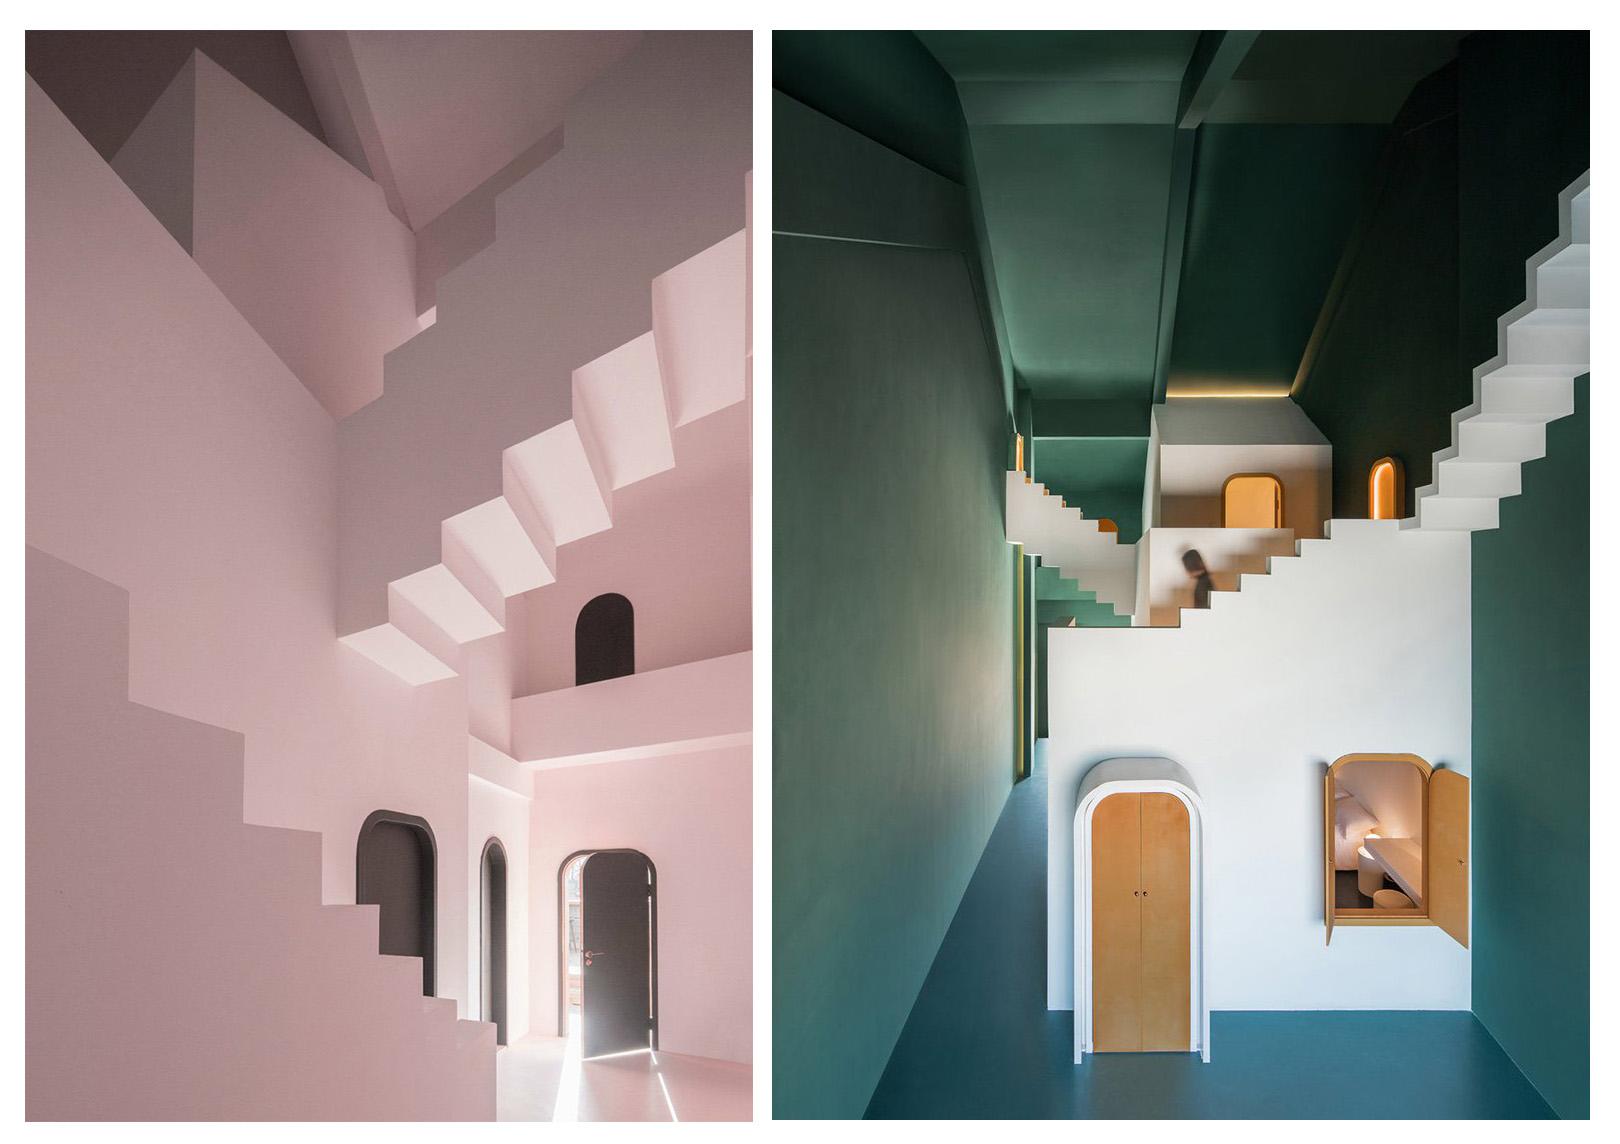 طراحی داخلی هتلی مارپیچ ملهم از آثار Escher